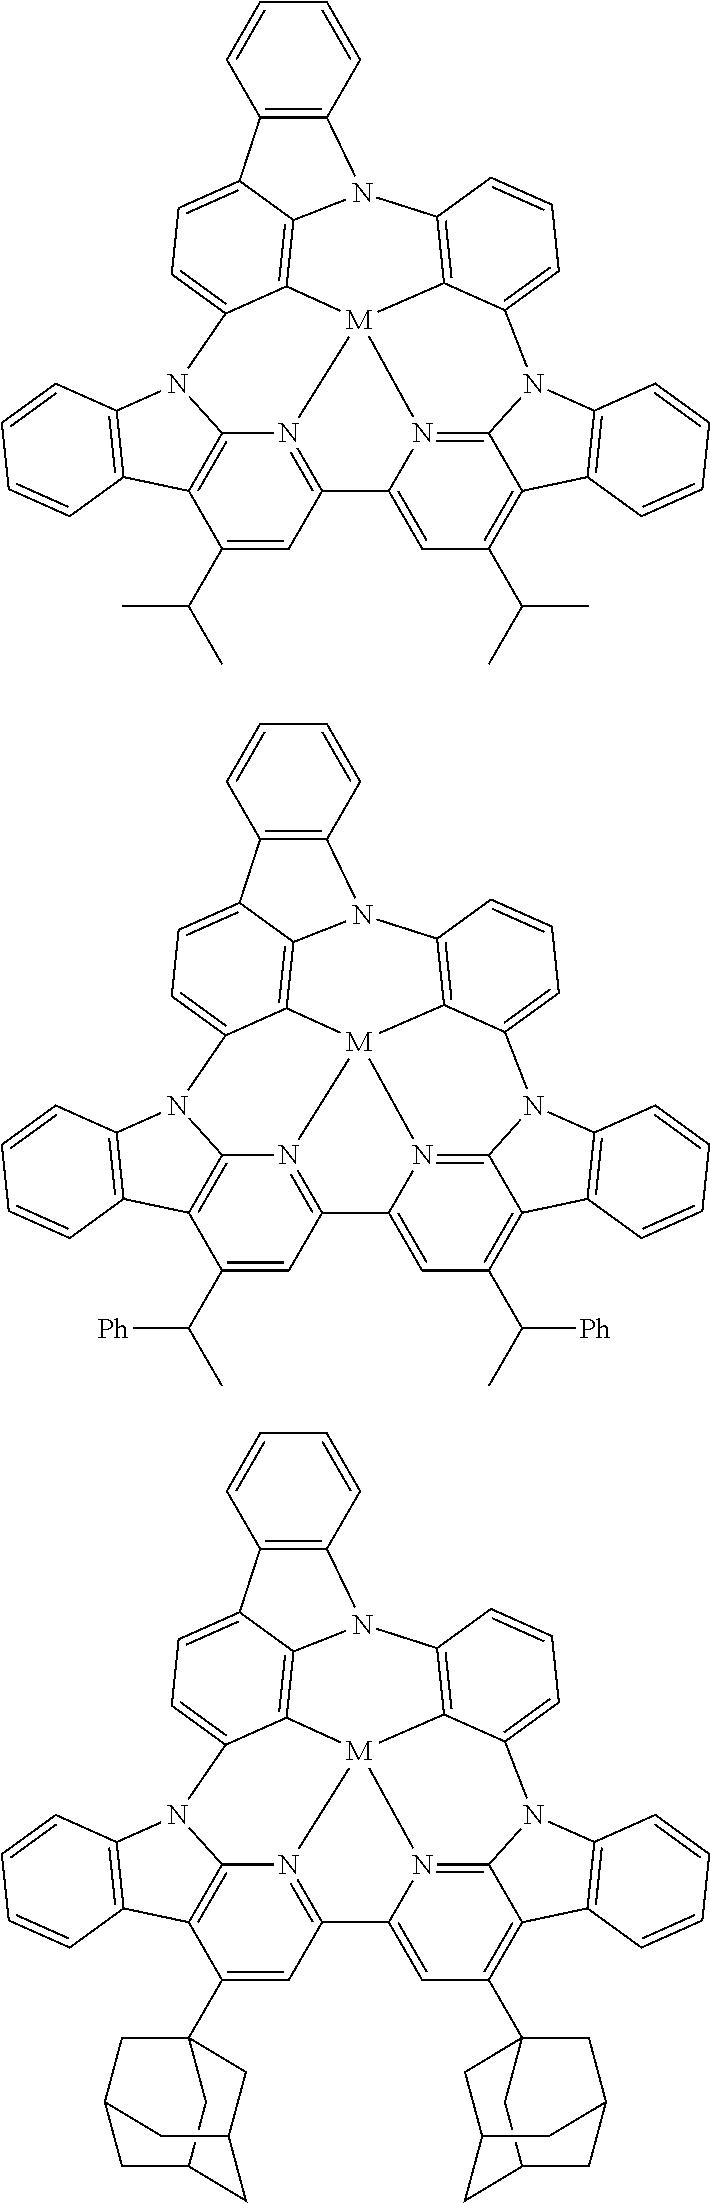 Figure US10158091-20181218-C00240